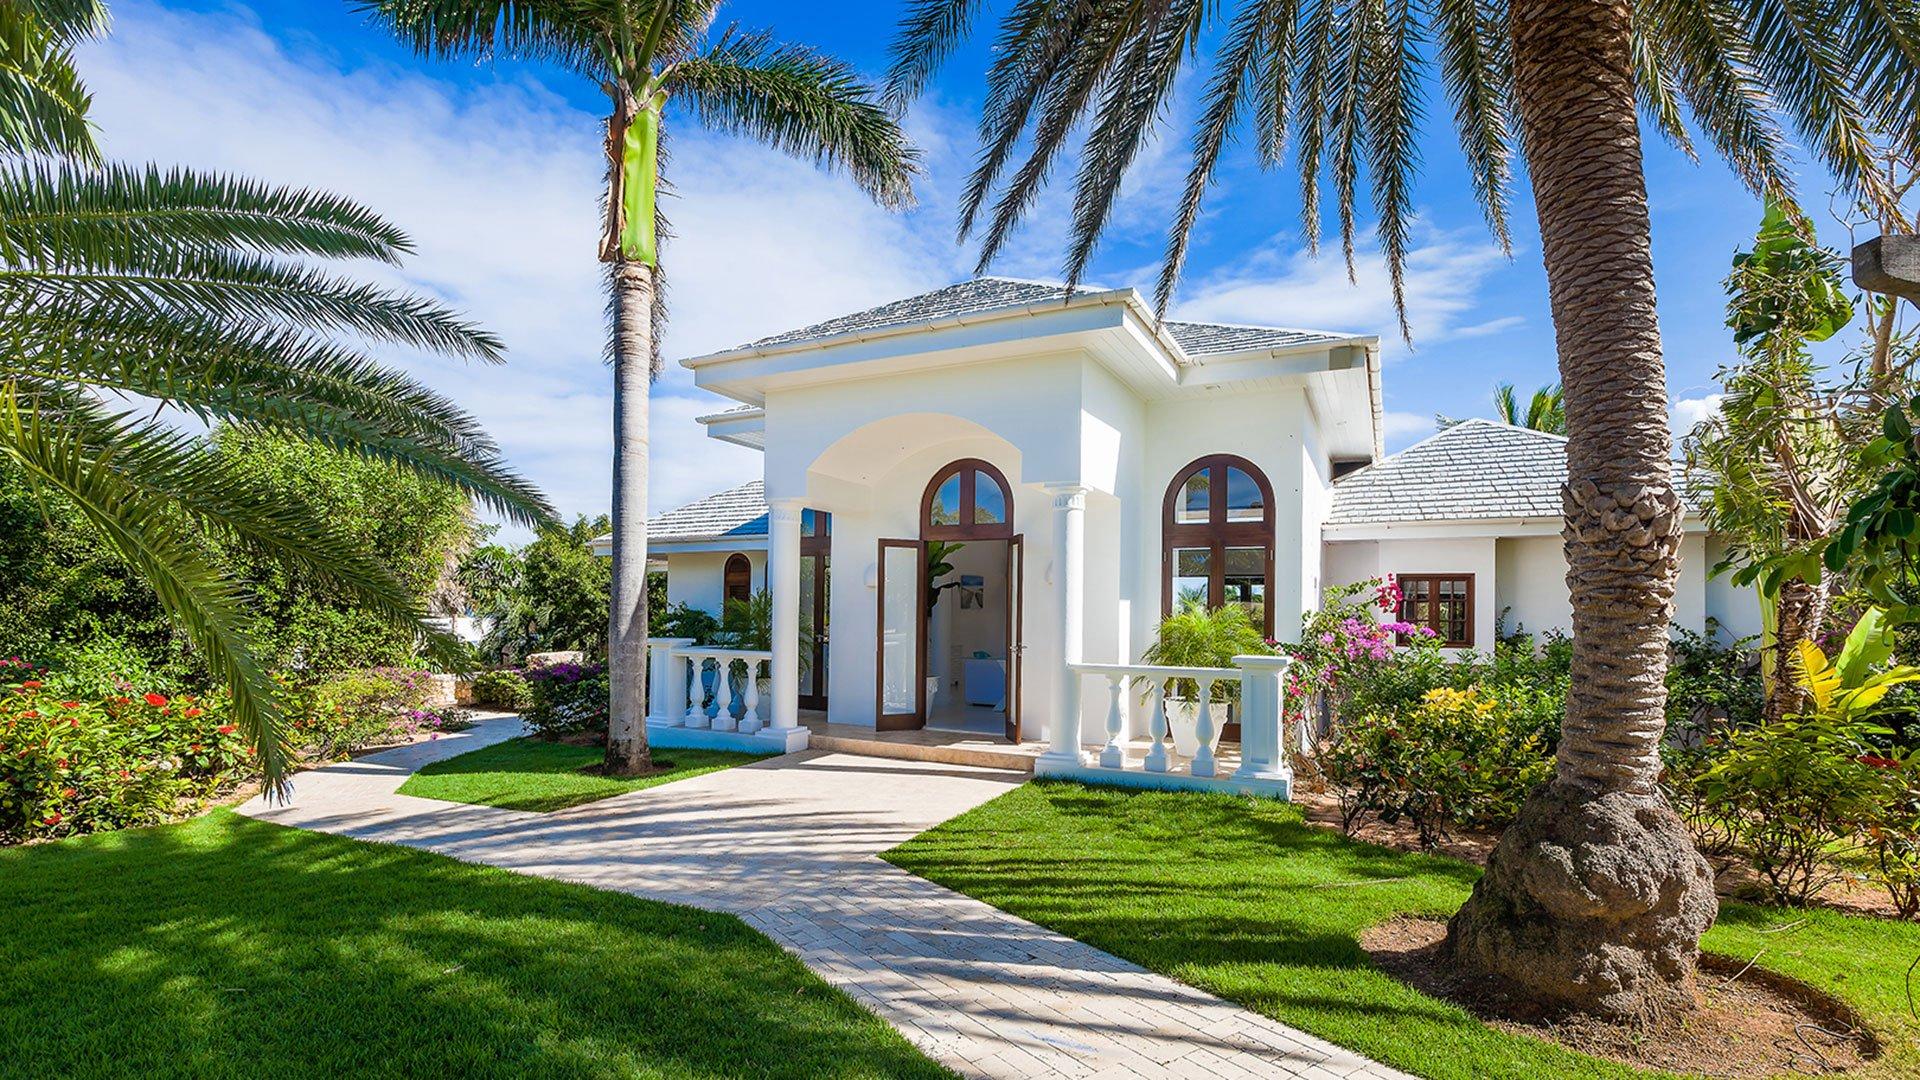 Indigo Villa Anguilla Rental Properties in Paradise entry